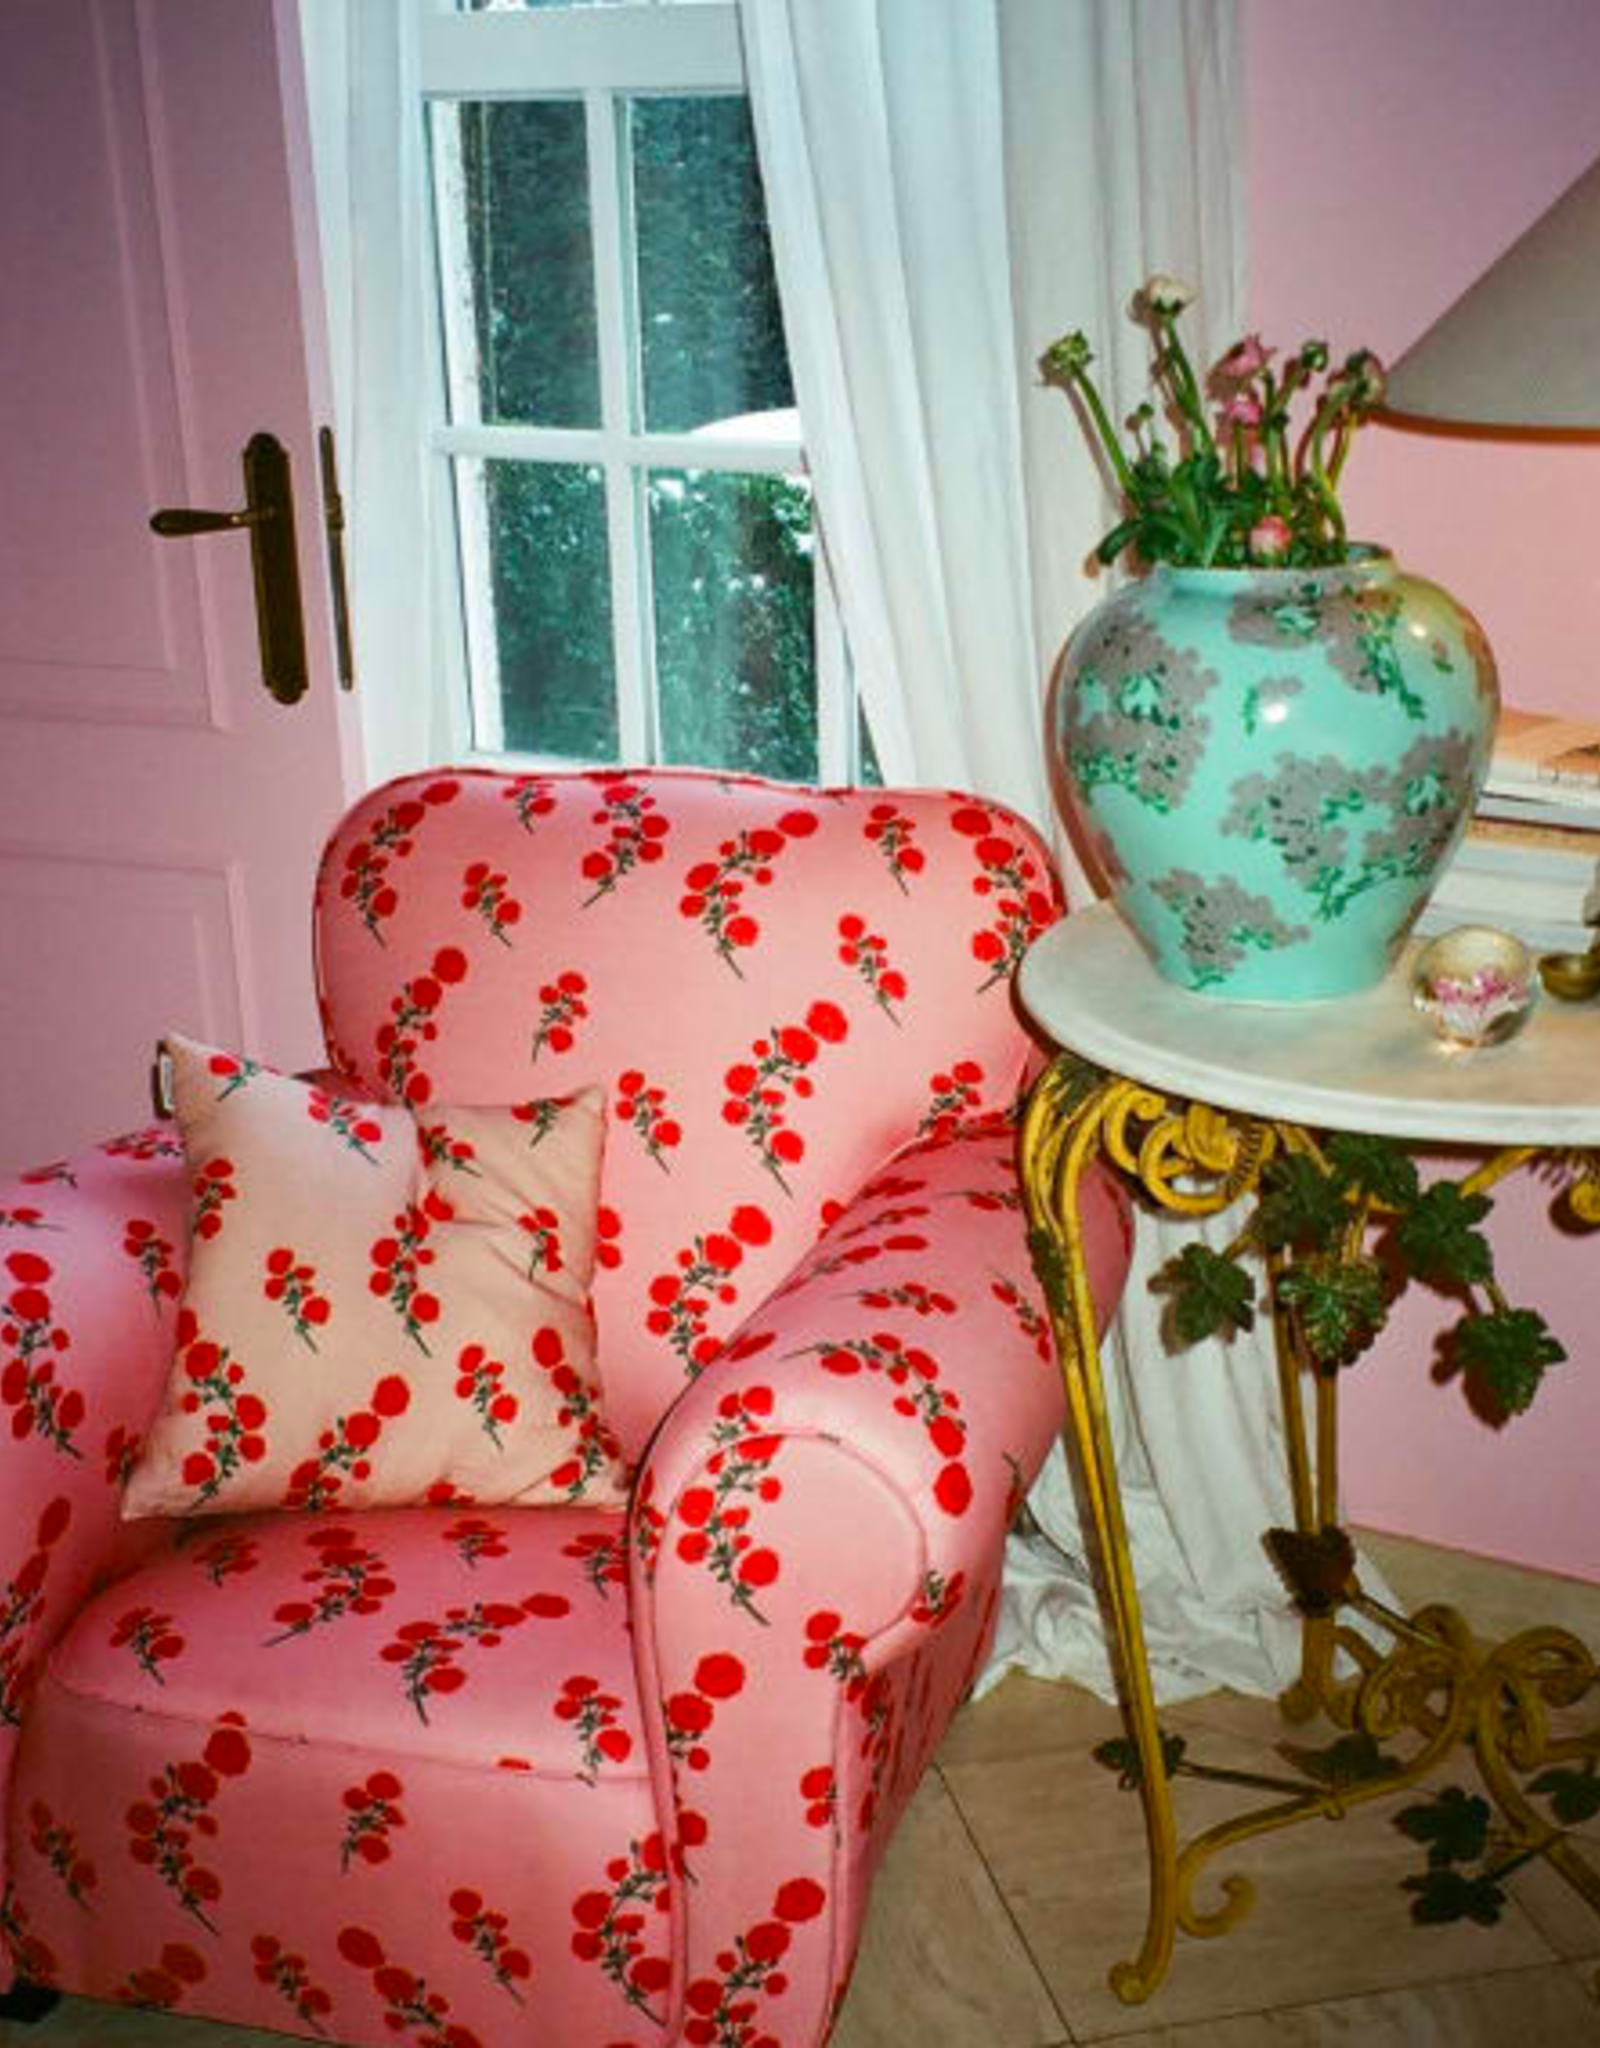 Bernadette Bernadette Floral cushion large 65x65cm - red blossom